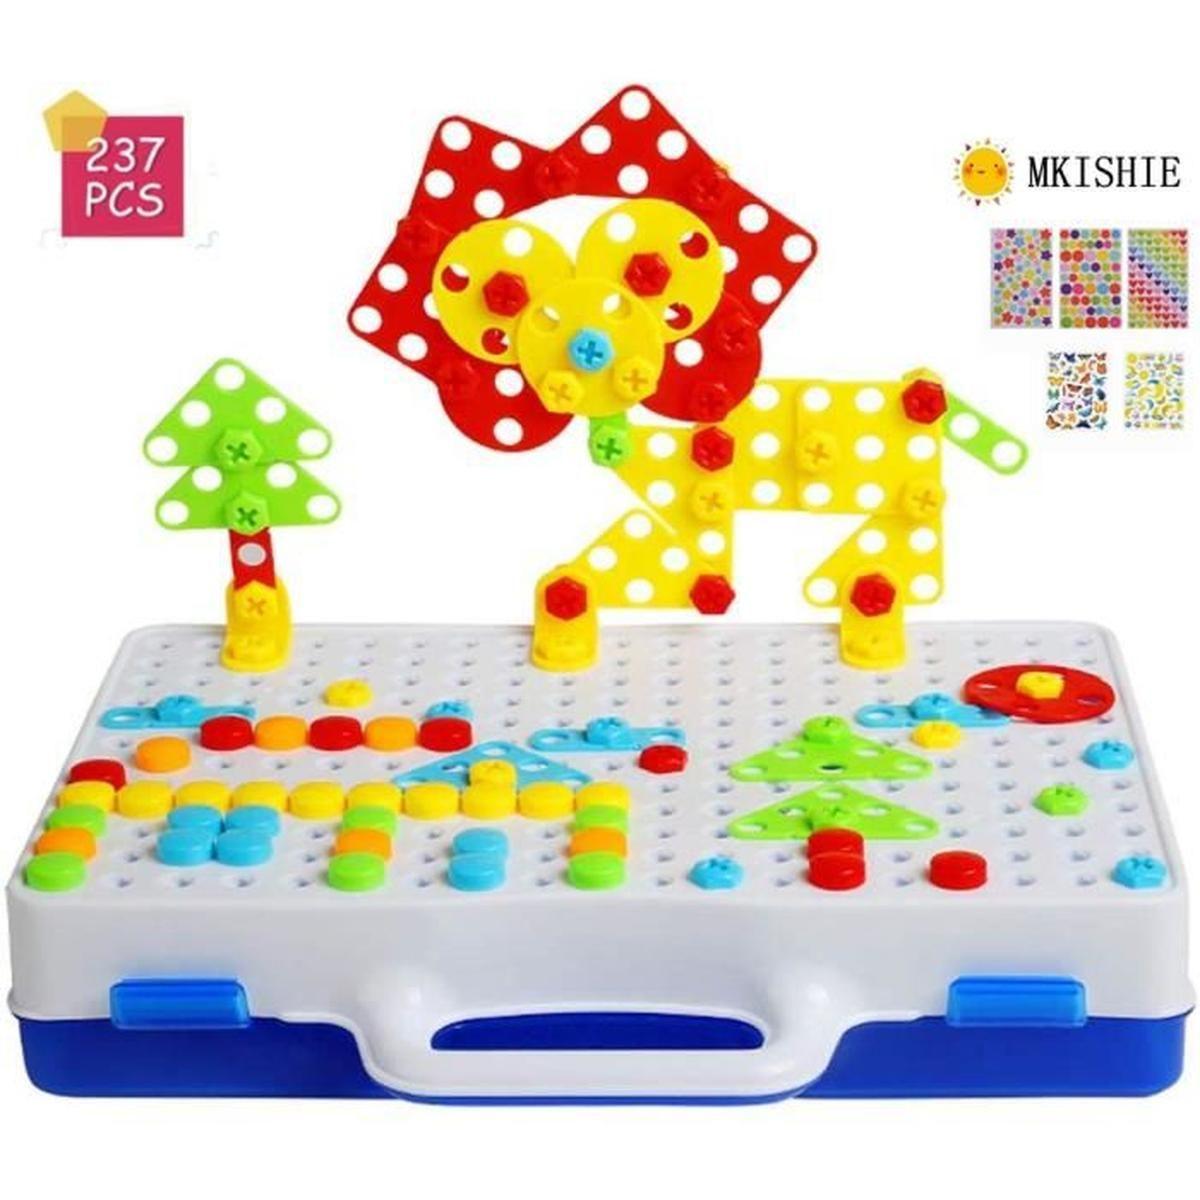 Mosaique Enfant Puzzle 3D Construction Enfant Jeu Montessori encequiconcerne Jouet Pour 5 Ans Garcon